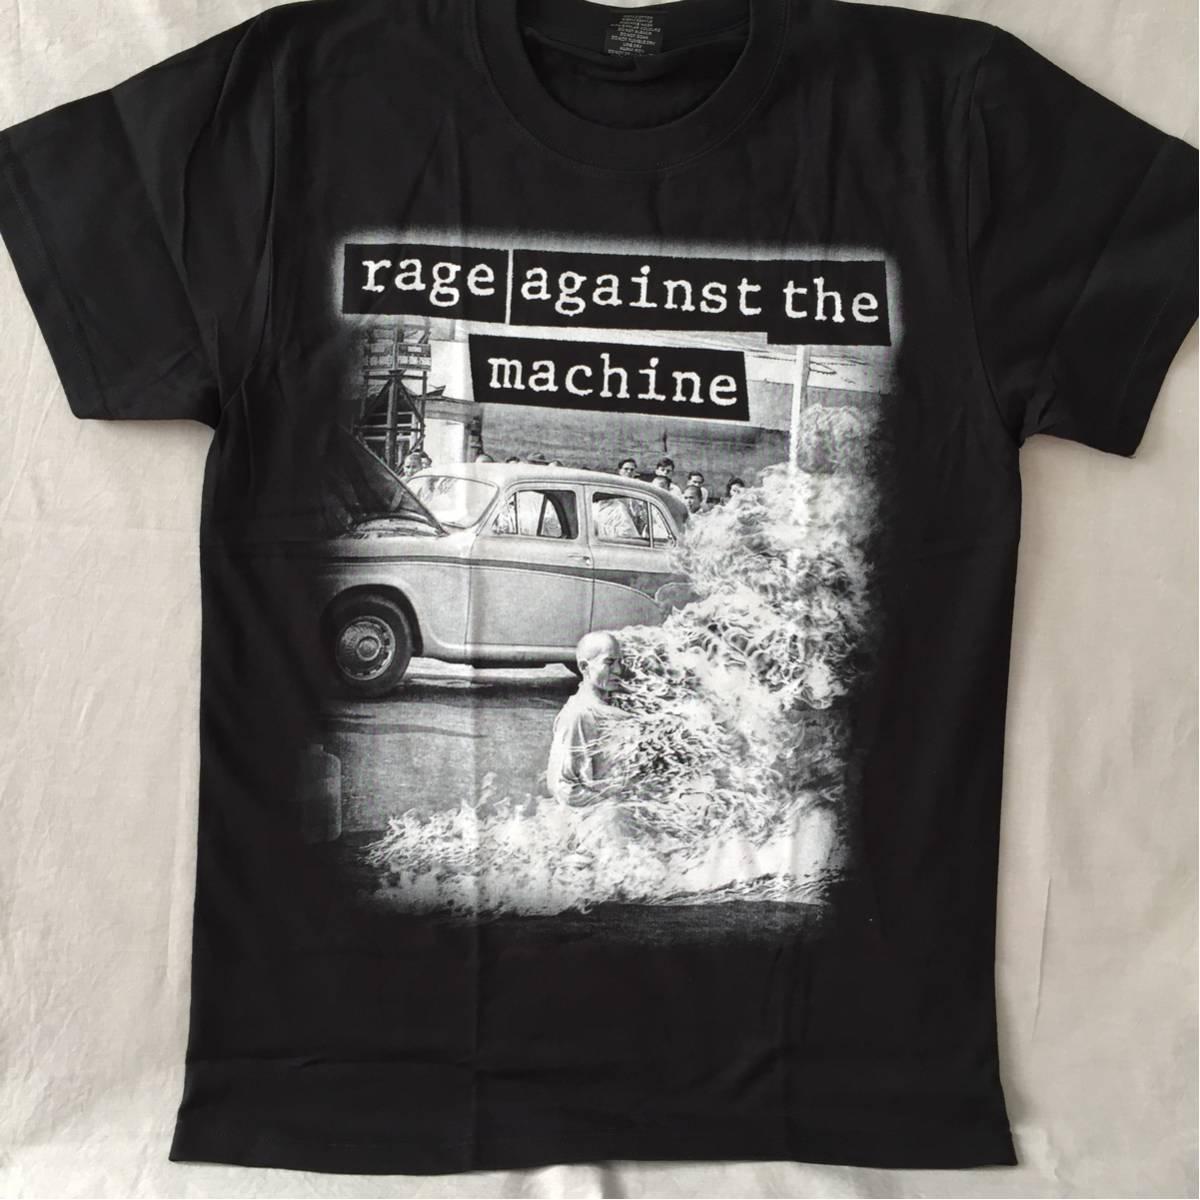 バンドTシャツ レージ(rage against the machine) 新品 M